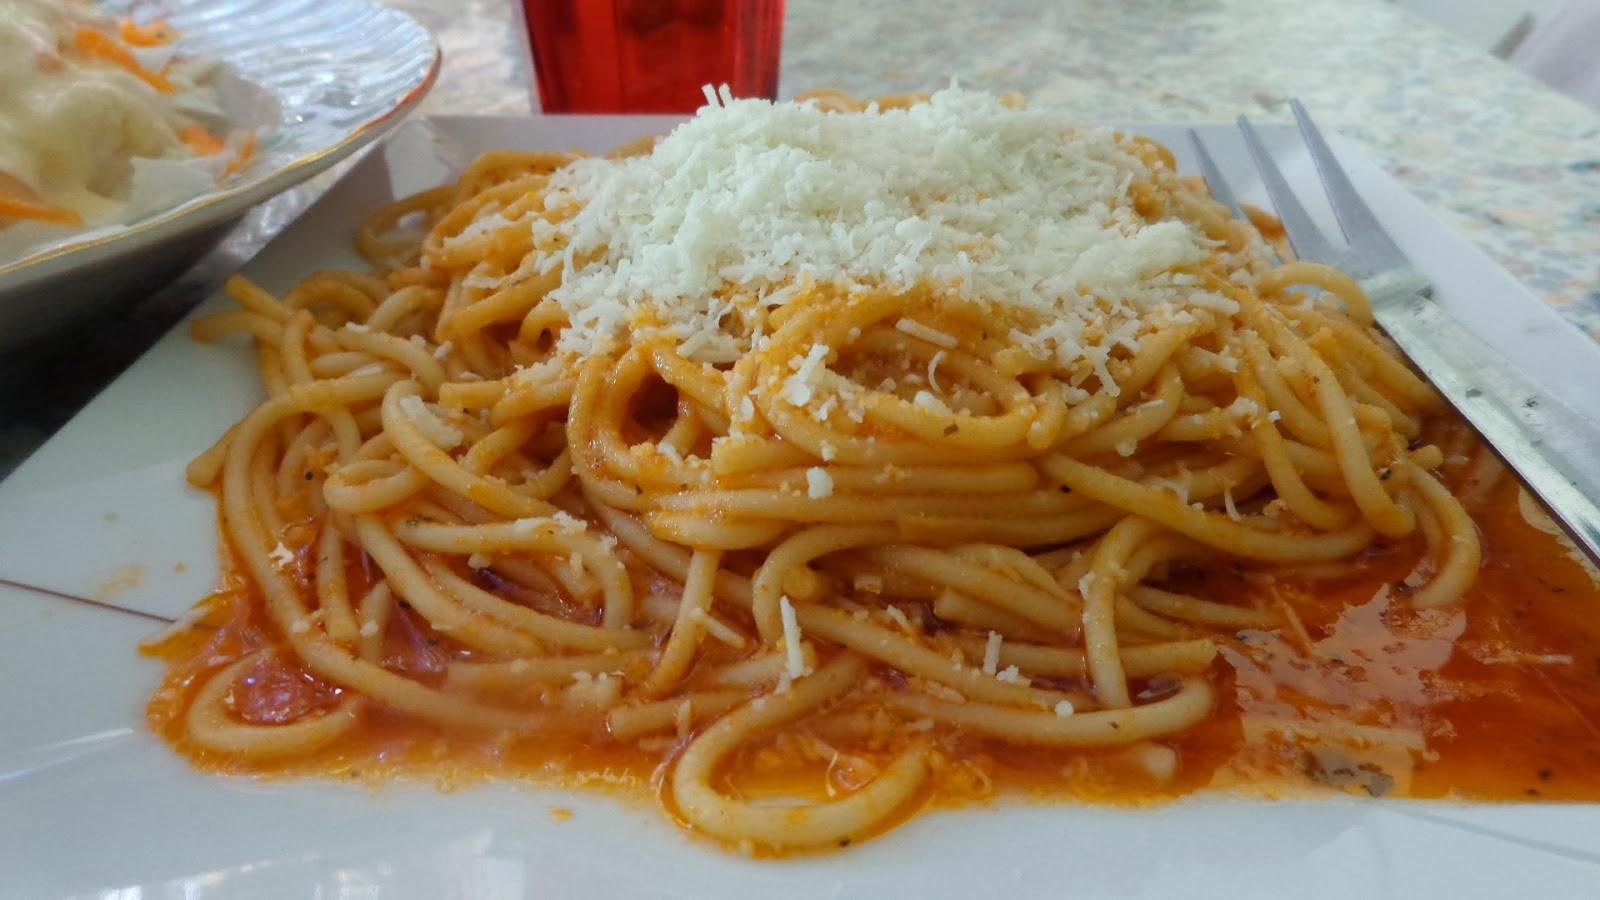 Σπαγγέτι με σάλτσα καρότο